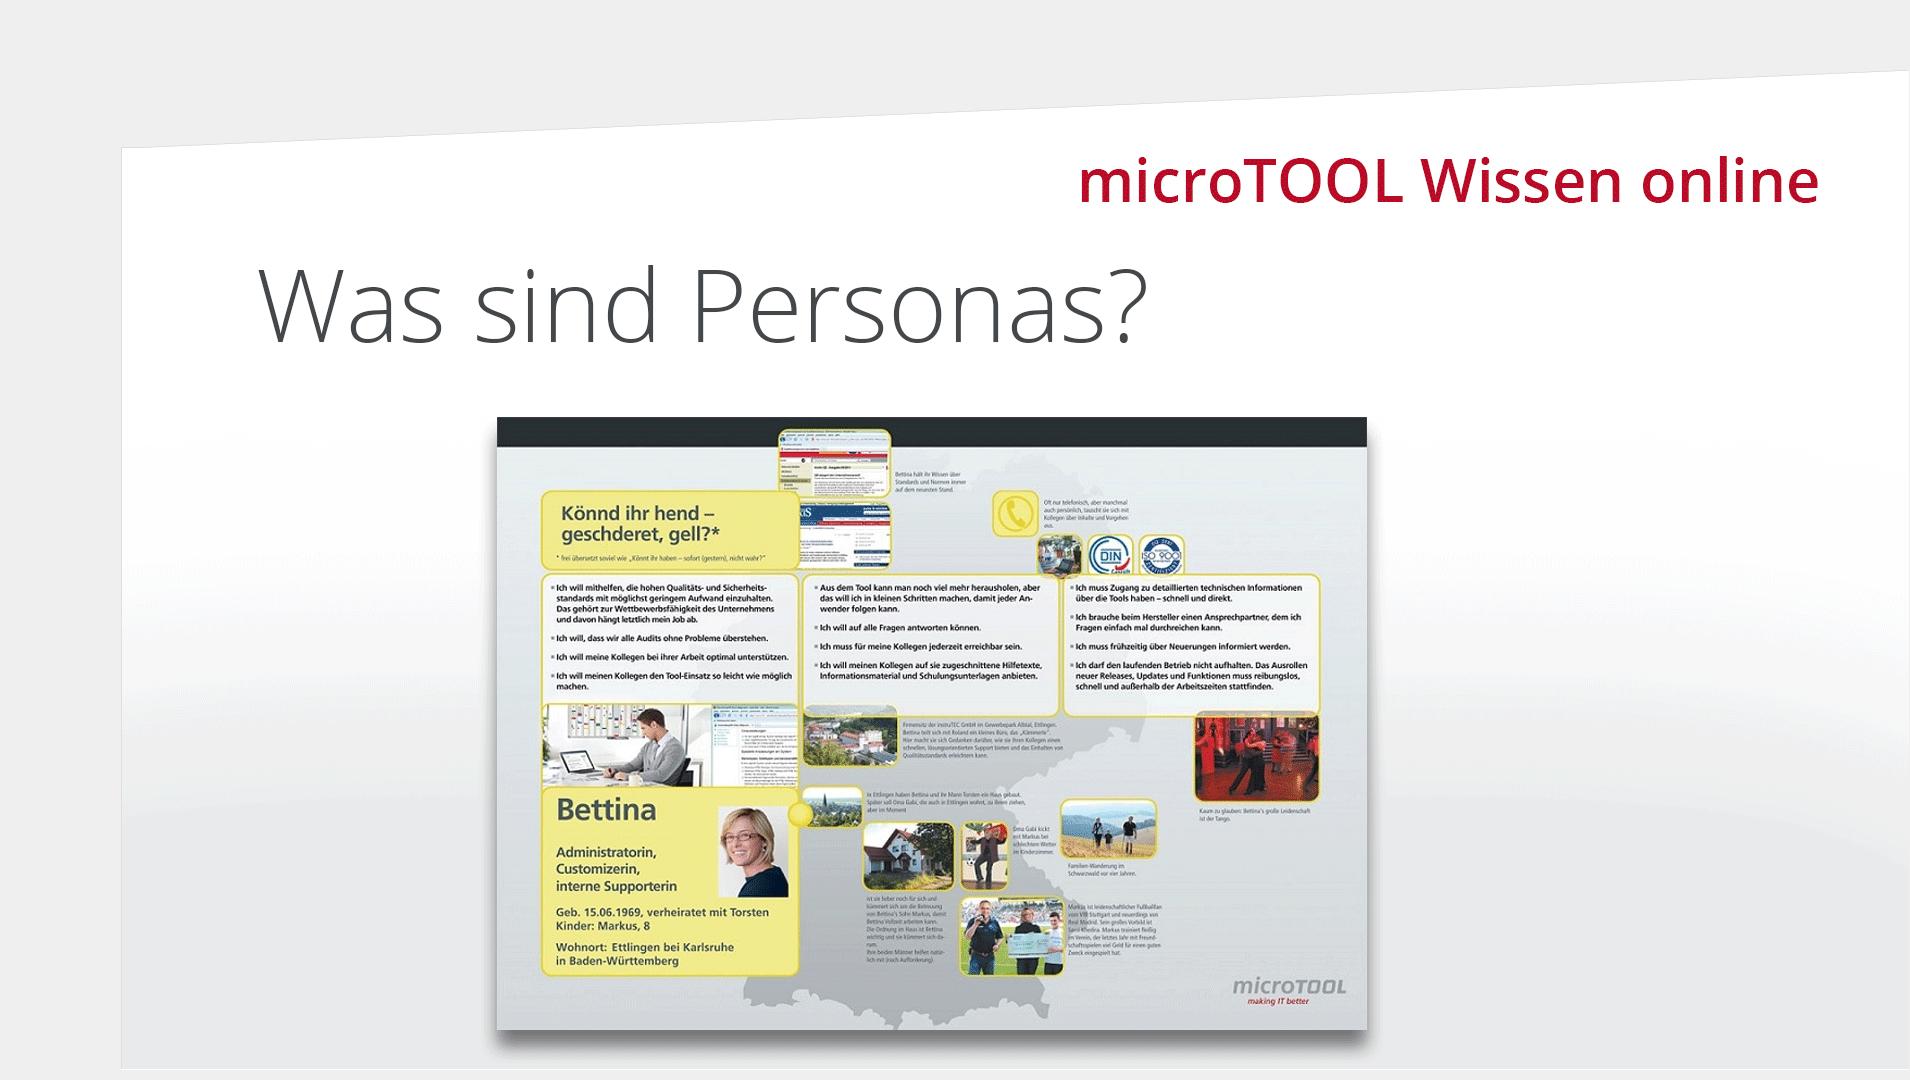 Wissen online: Was sind Personas?